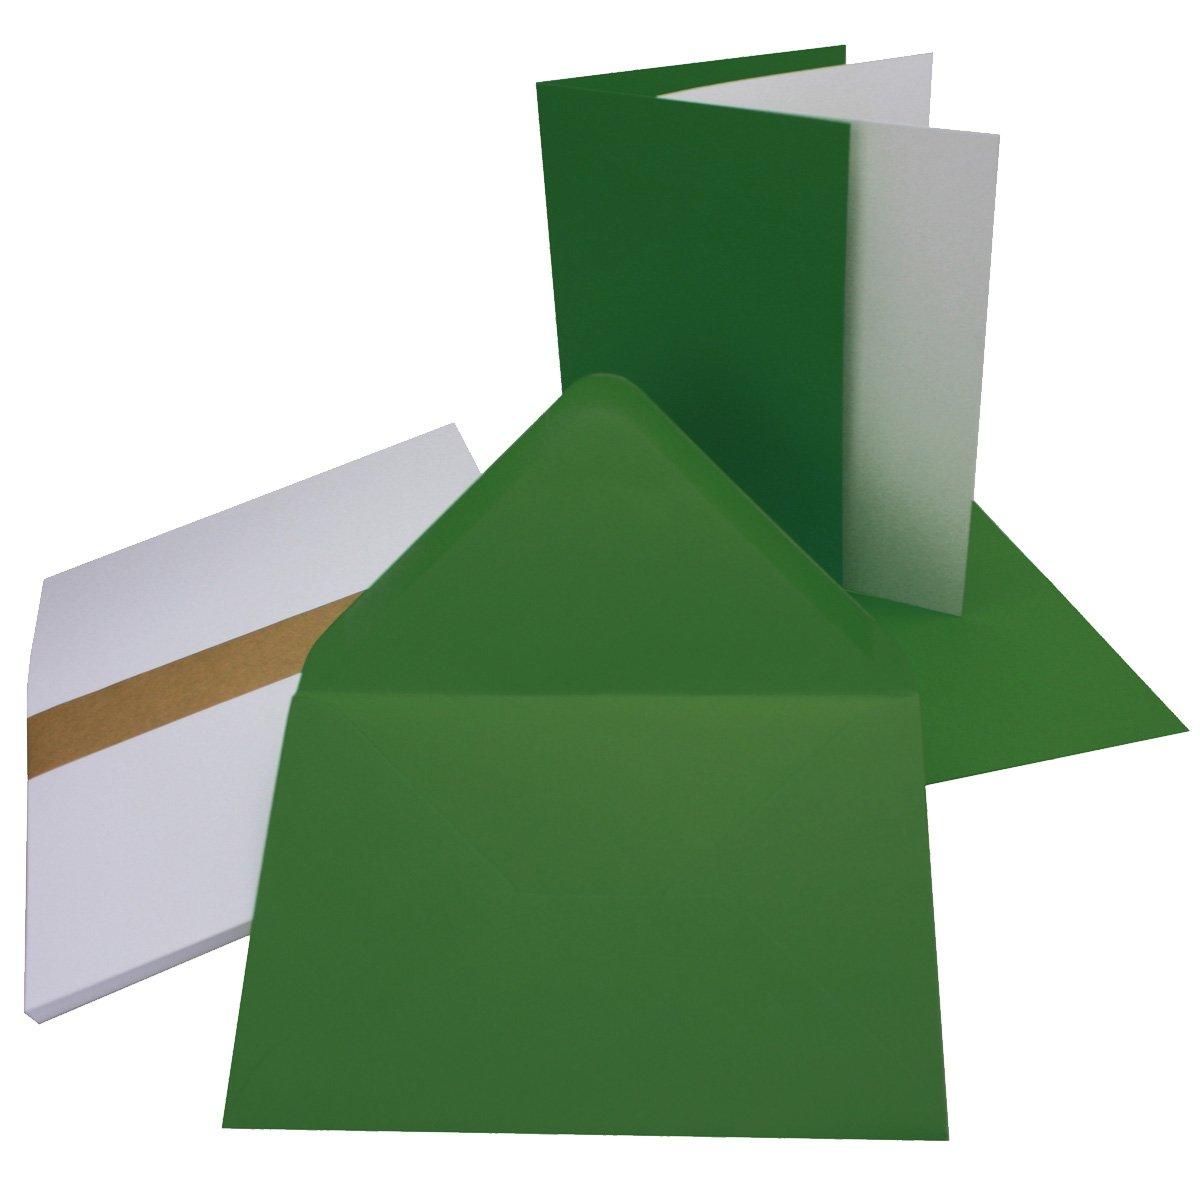 Ideal f/ür Einladungskarten und Gru/ßkarten 75x Qualit/ätsmarke: NEUSER/® FarbenFroh/® DIN B6 Faltkarten-Set in Dunkelgr/ün 17,6 x 11,9 cm mit Umschl/ägen /& Einlegebl/ätter F/ür Drucker geeignet